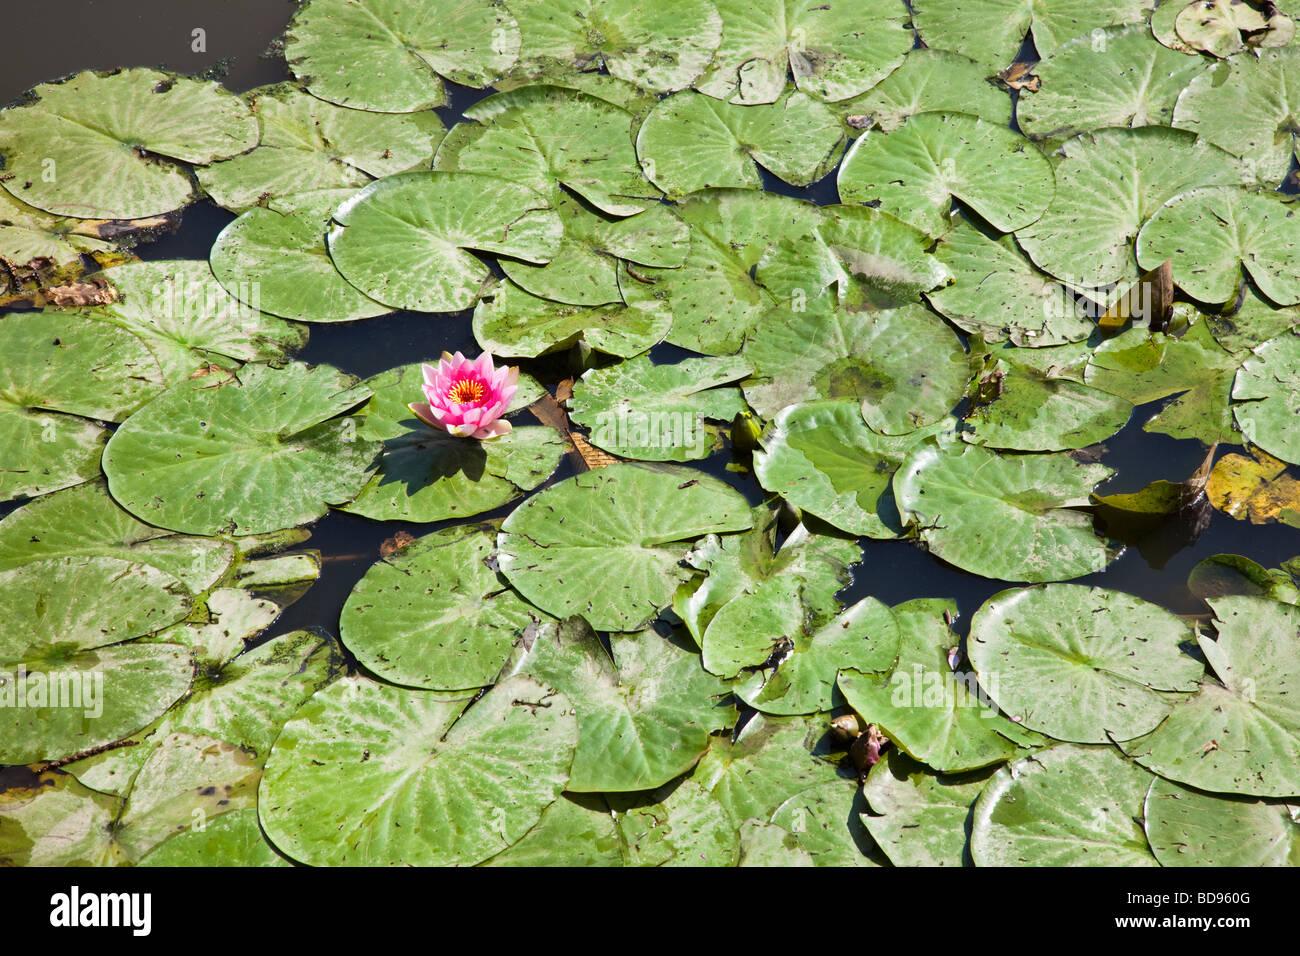 Lirios de agua en un estanque con una flor rosa Imagen De Stock